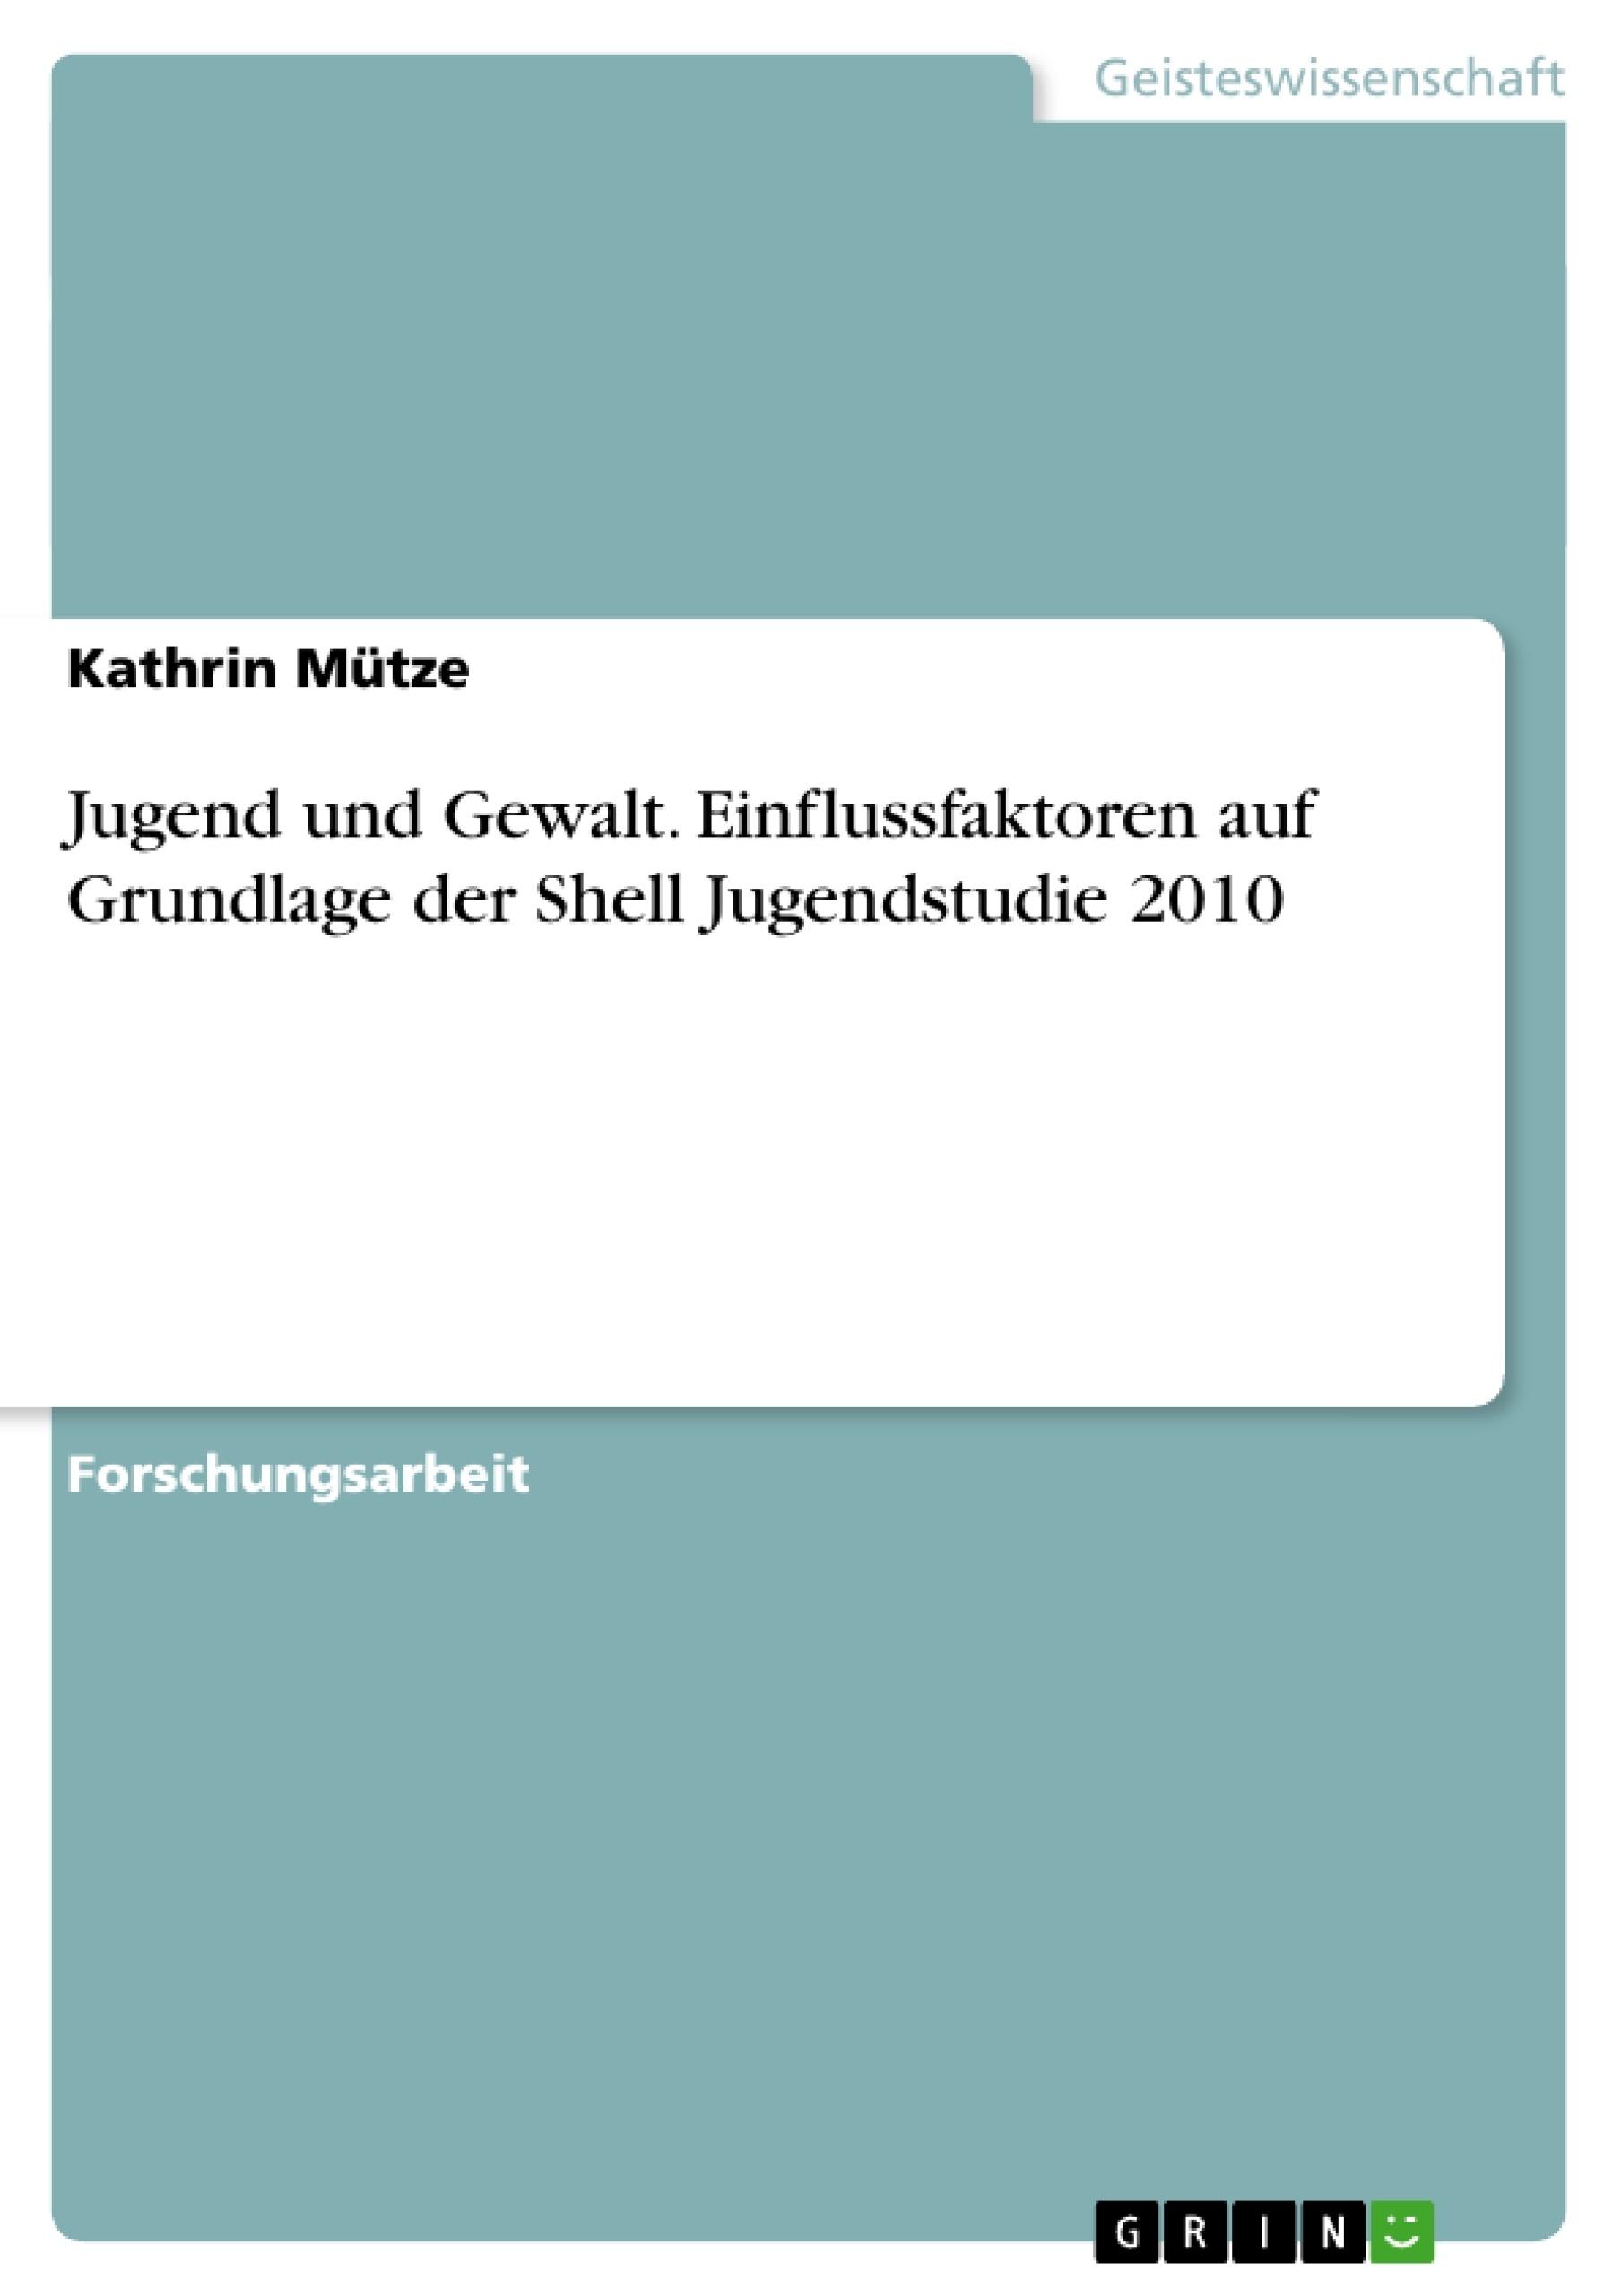 Titel: Jugend und Gewalt. Einflussfaktoren auf Grundlage der Shell Jugendstudie 2010